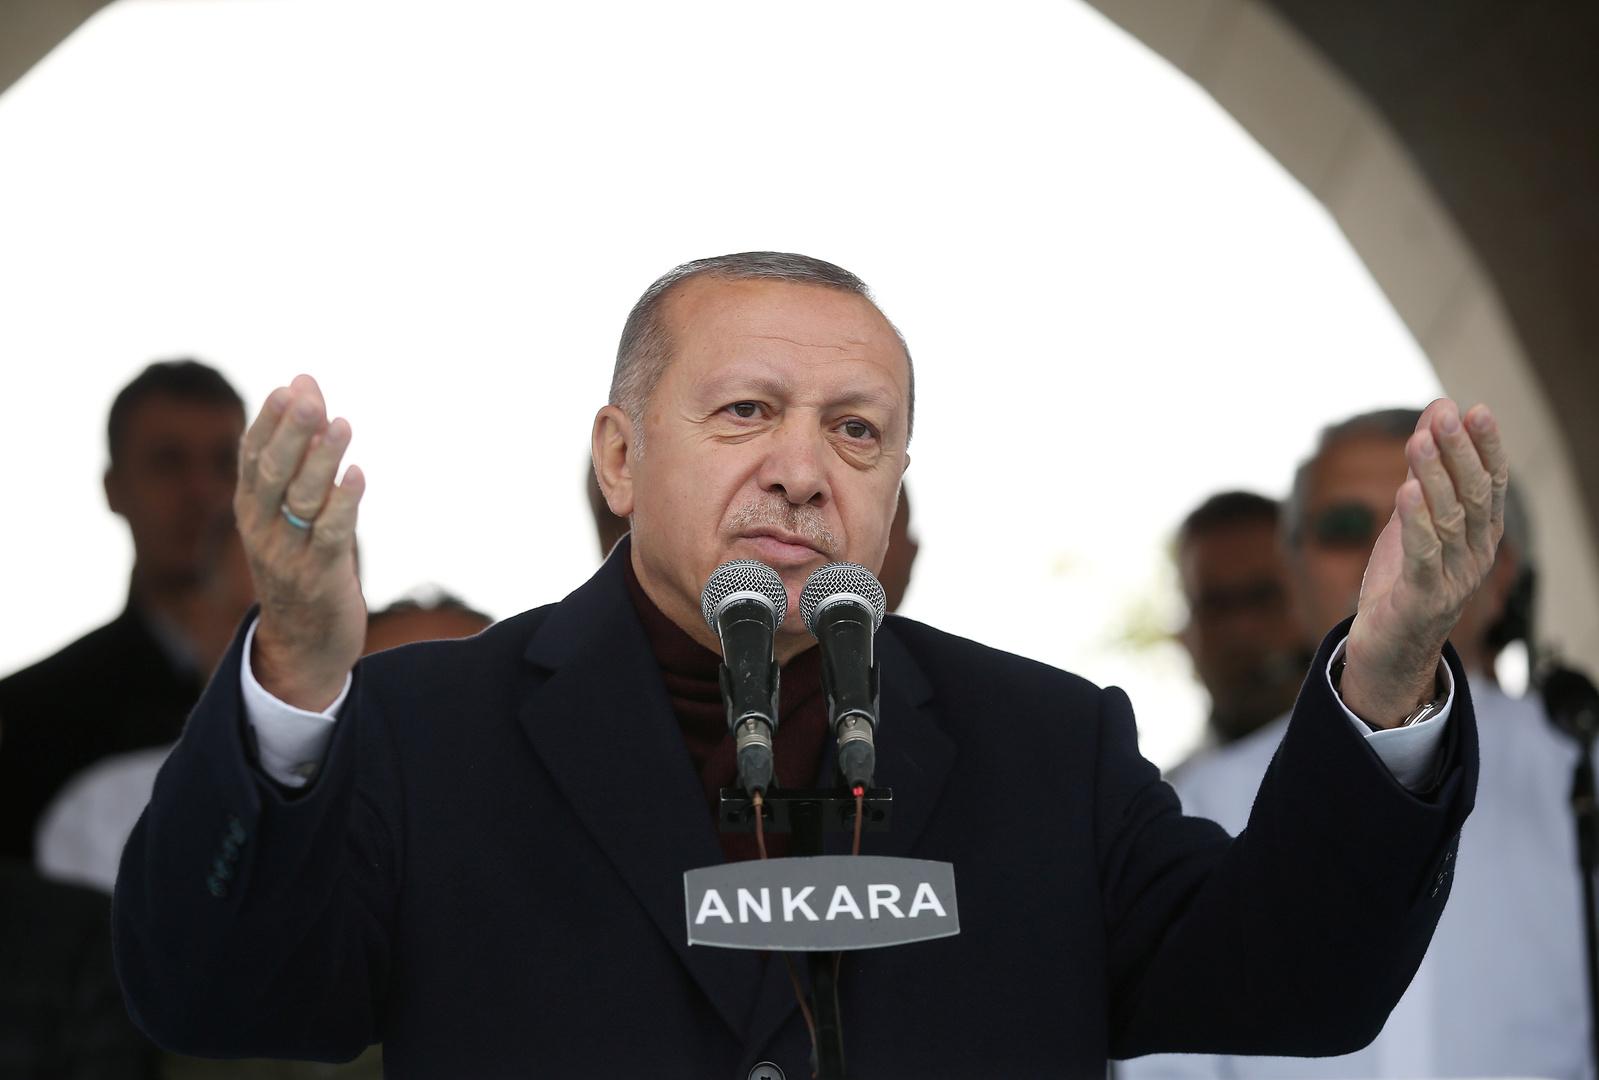 صحيفة مقربة من أردوغان تحذر من